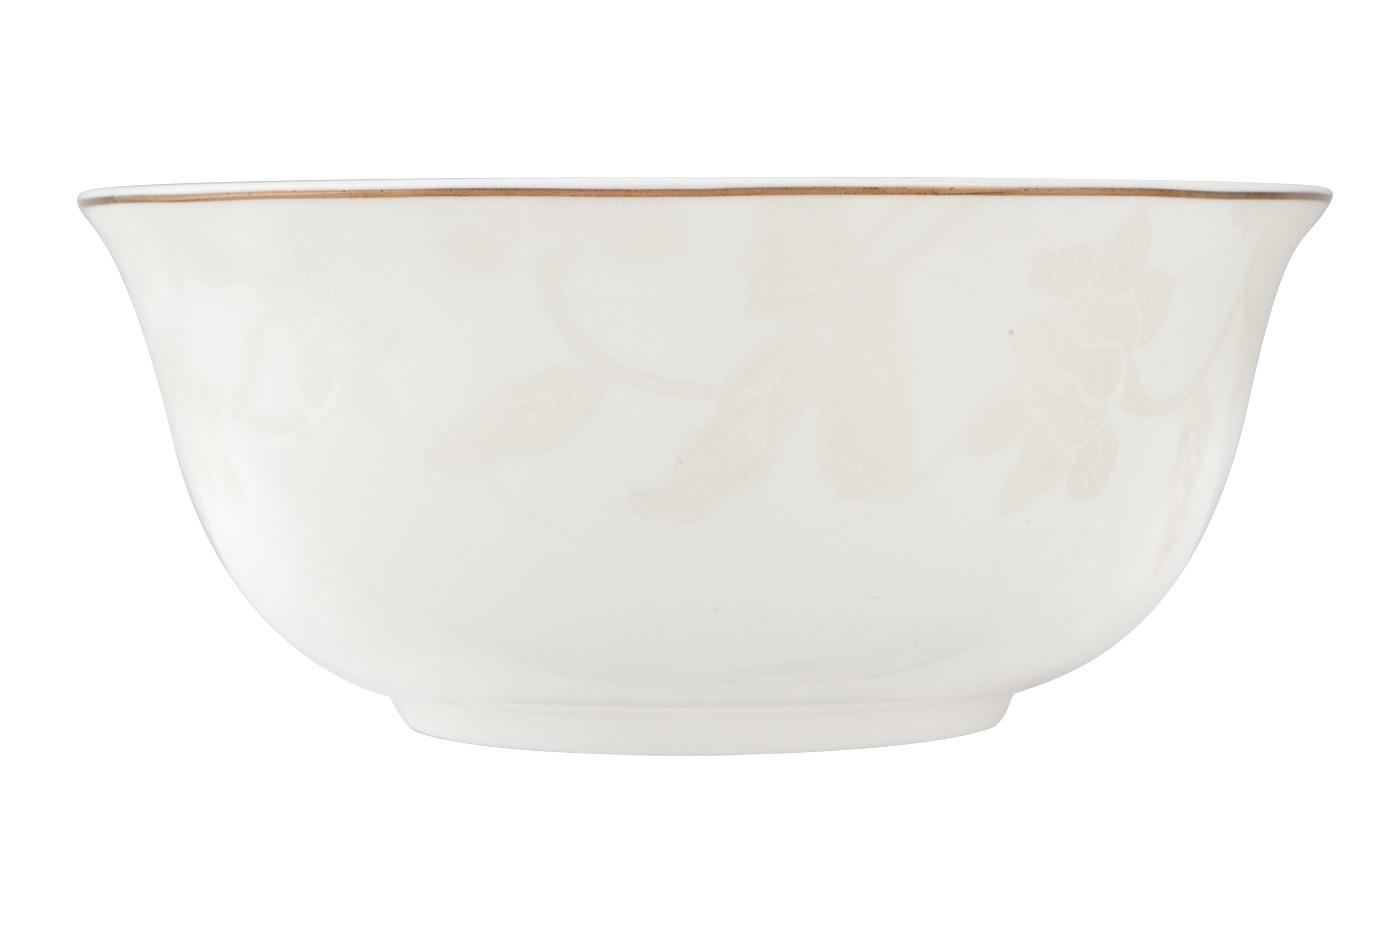 Набор из 6 салатников Royal Aurel Белый лотос (15см) арт.809Салатники<br>Набор из 6 салатников Royal Aurel Белый лотос (15см) арт.809<br>Производить посуду из фарфора начали в Китае на стыке 6-7 веков. Неустанно совершенствуя и селективно отбирая сырье для производства посуды из фарфора, мастерам удалось добиться выдающихся характеристик фарфора: белизны и тонкостенности. В XV веке появился особый интерес к китайской фарфоровой посуде, так как в это время Европе возникла мода на самобытные китайские вещи. Роскошный китайский фарфор являлся изыском и был в новинку, поэтому он выступал в качестве подарка королям, а также знатным людям. Такой дорогой подарок был очень престижен и по праву являлся элитной посудой. Как известно из многочисленных исторических документов, в Европе китайские изделия из фарфора ценились практически как золото. <br>Проверка изделий из костяного фарфора на подлинность <br>По сравнению с производством других видов фарфора процесс производства изделий из настоящего костяного фарфора сложен и весьма длителен. Посуда из изящного фарфора - это элитная посуда, которая всегда ассоциируется с богатством, величием и благородством. Несмотря на небольшую толщину, фарфоровая посуда - это очень прочное изделие. Для демонстрации плотности и прочности фарфора можно легко коснуться предметов посуды из фарфора деревянной палочкой, и тогда мы услушим характерный металлический звон. В составе фарфоровой посуды присутствует костяная зола, благодаря чему она может быть намного тоньше (не более 2,5 мм) и легче твердого или мягкого фарфора. Безупречная белизна - ключевой признак отличия такого фарфора от других. Цвет обычного фарфора сероватый или ближе к голубоватому, а костяной фарфор будет всегда будет молочно-белого цвета. Характерная и немаловажная деталь - это невесомая прозрачность изделий из фарфора такая, что сквозь него проходит свет.<br>